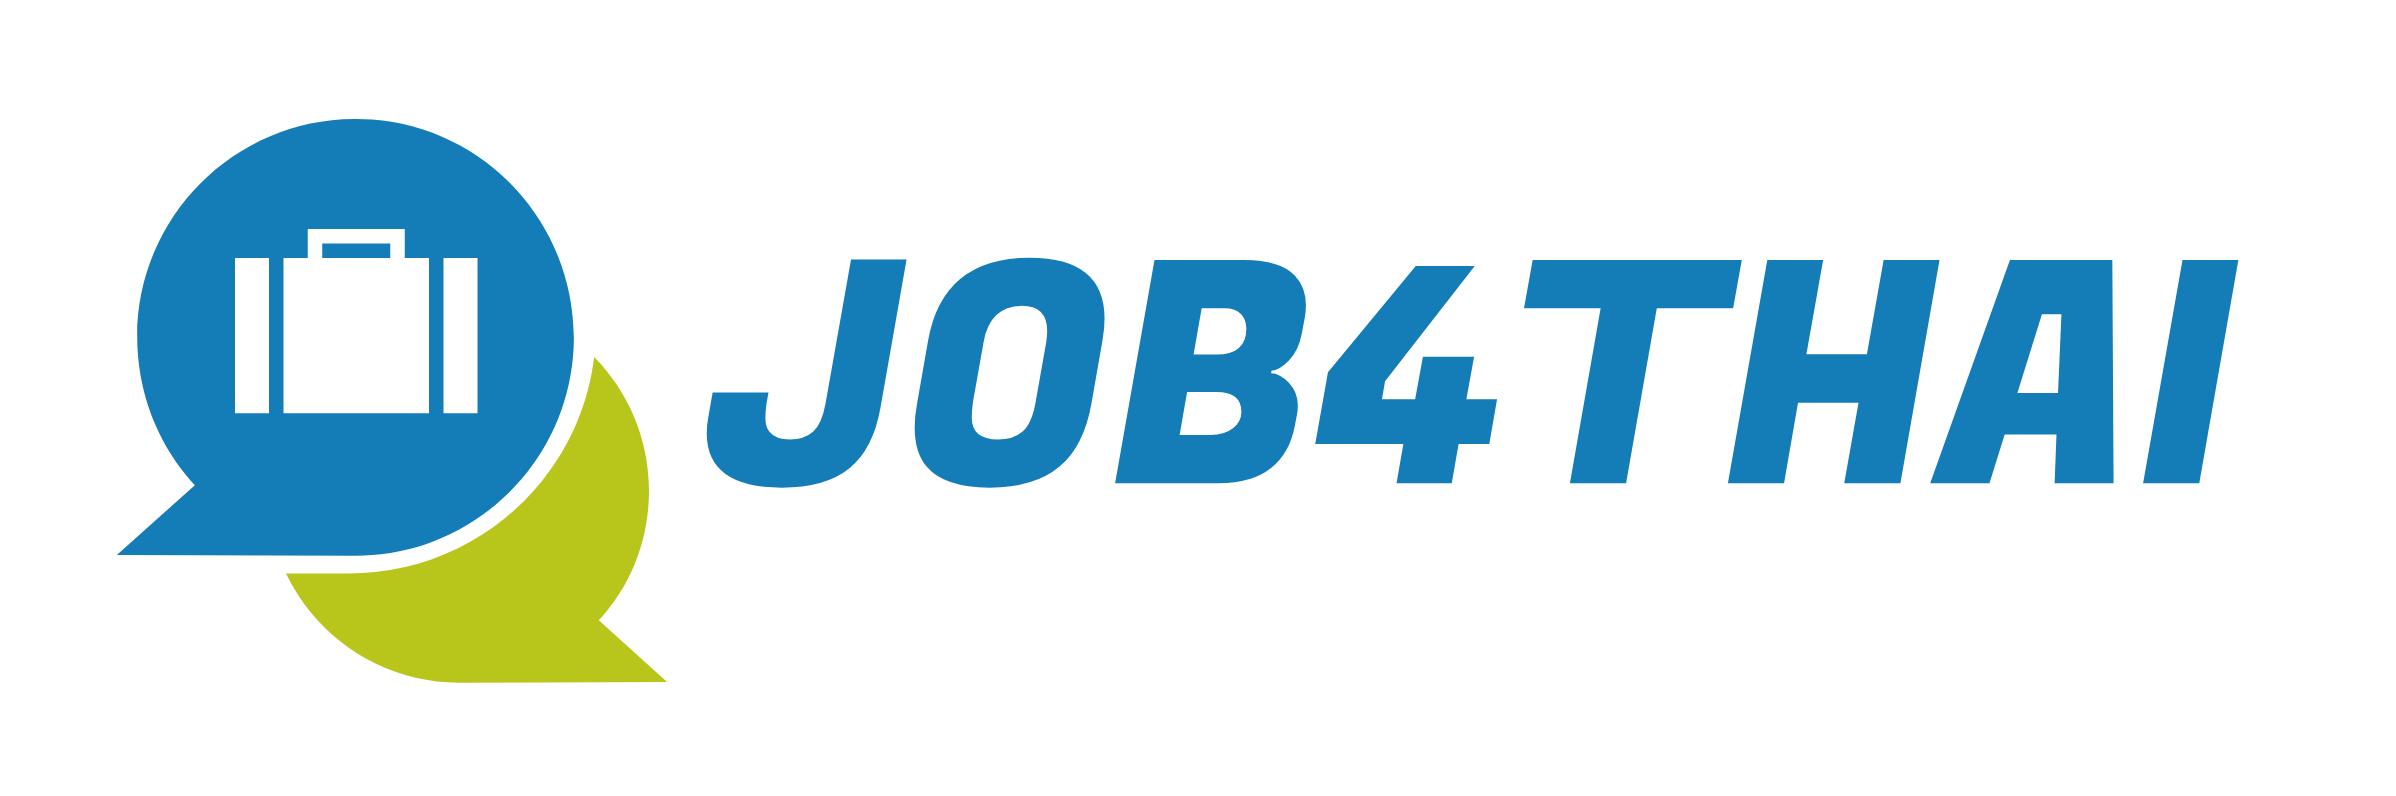 หางาน สมัครงาน ตำแหน่งงาน : JOB4THAI